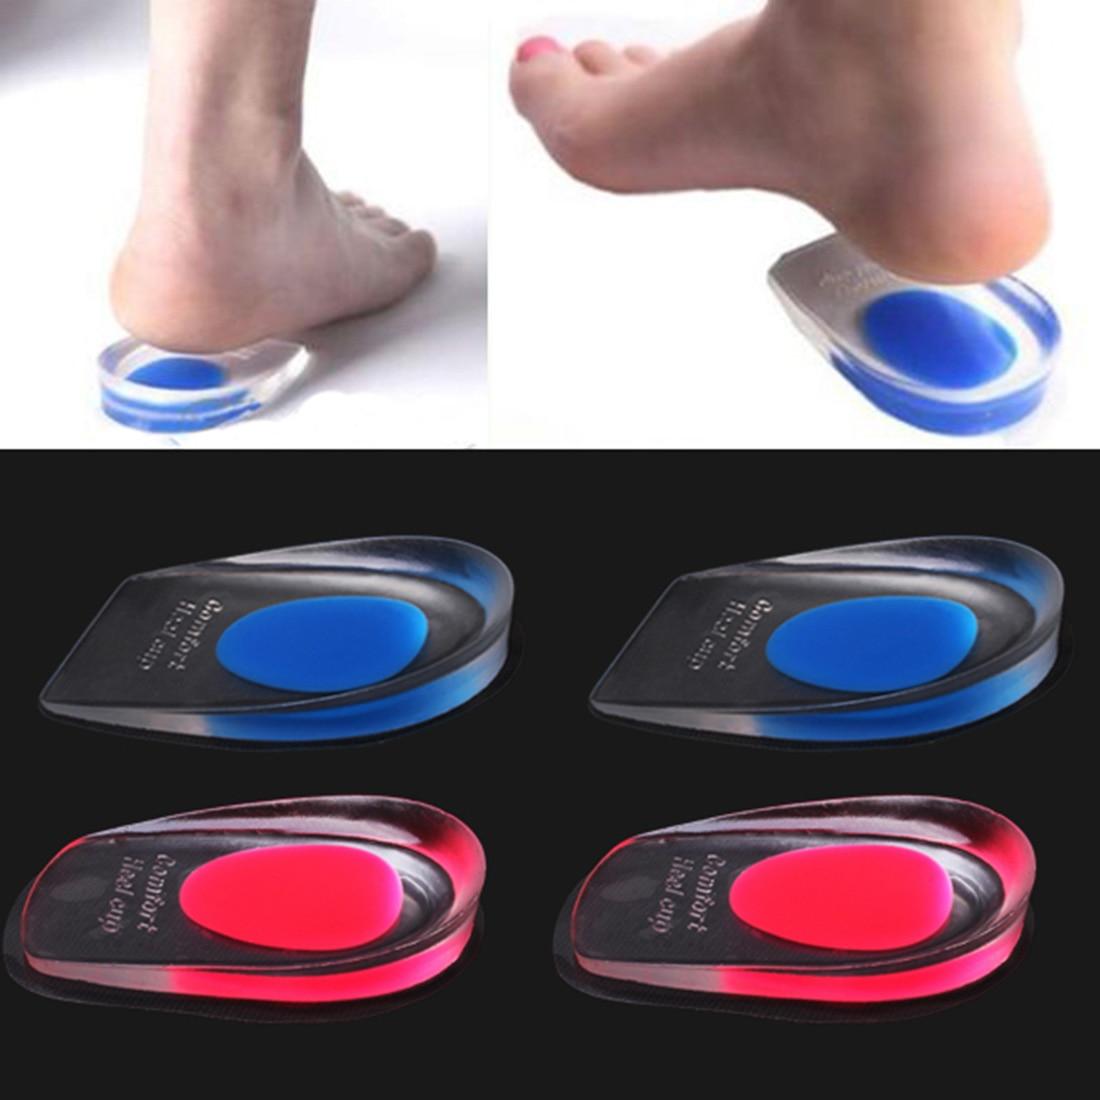 Силиконовые гелевые стельки на пятке для мужчин и женщин, 1 пара, облегчающие боли в ногах